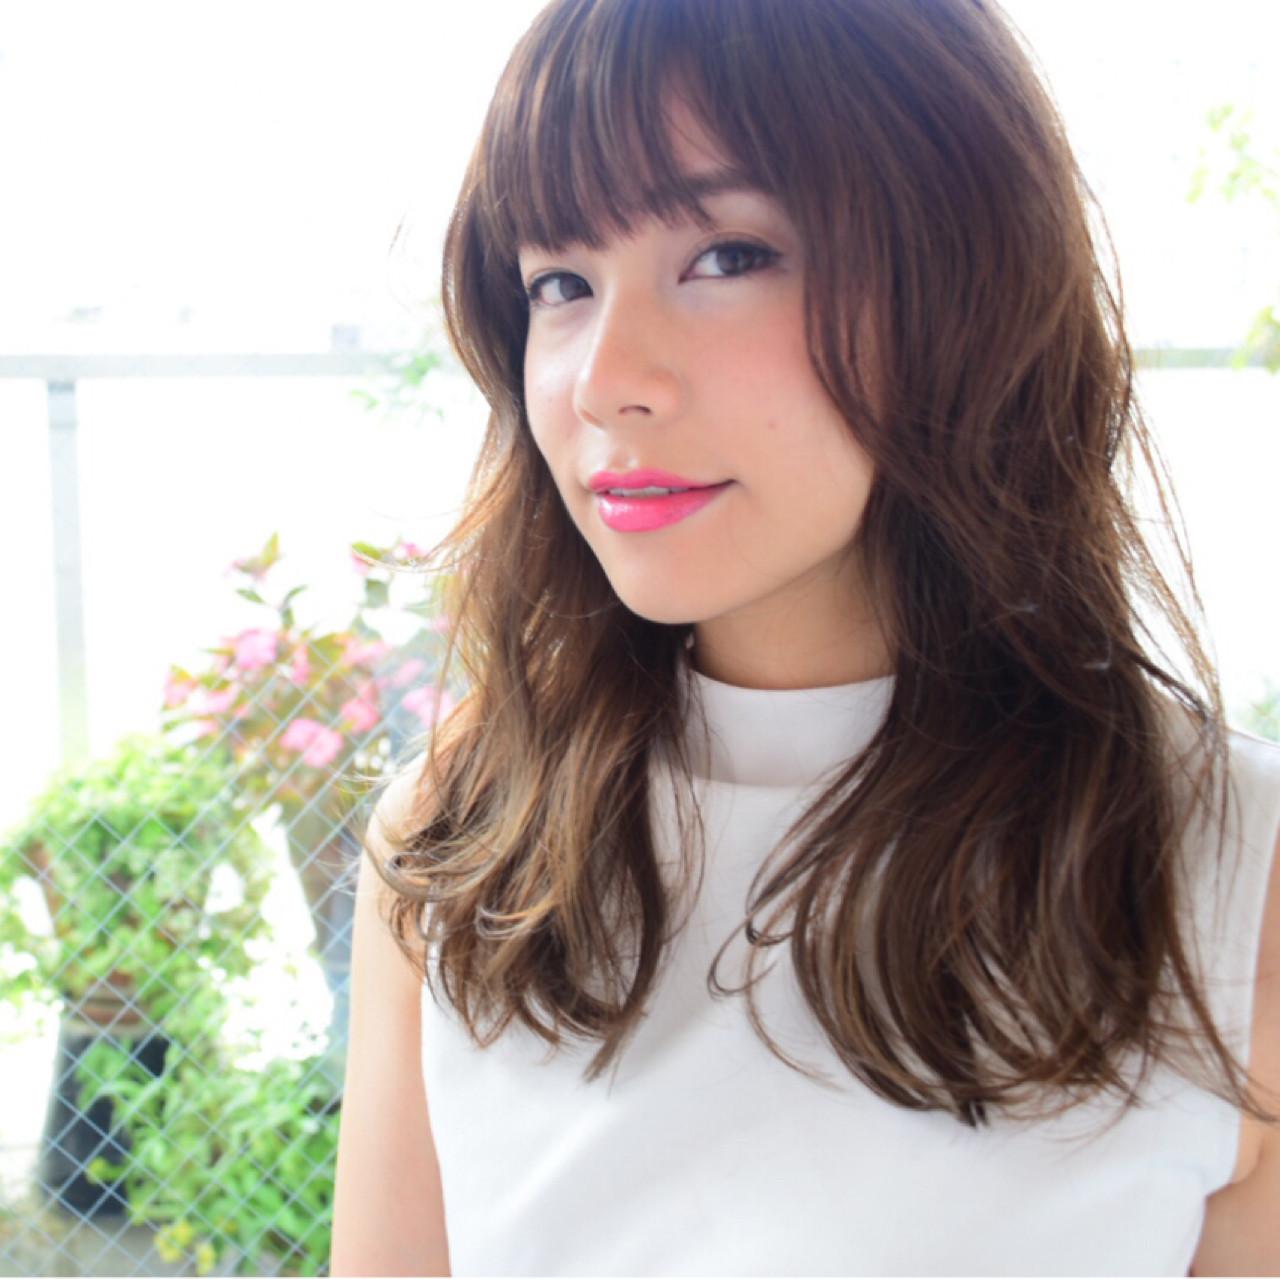 前髪あり フェミニン 大人かわいい くせ毛風 ヘアスタイルや髪型の写真・画像 | 安東裕子 / kchiara